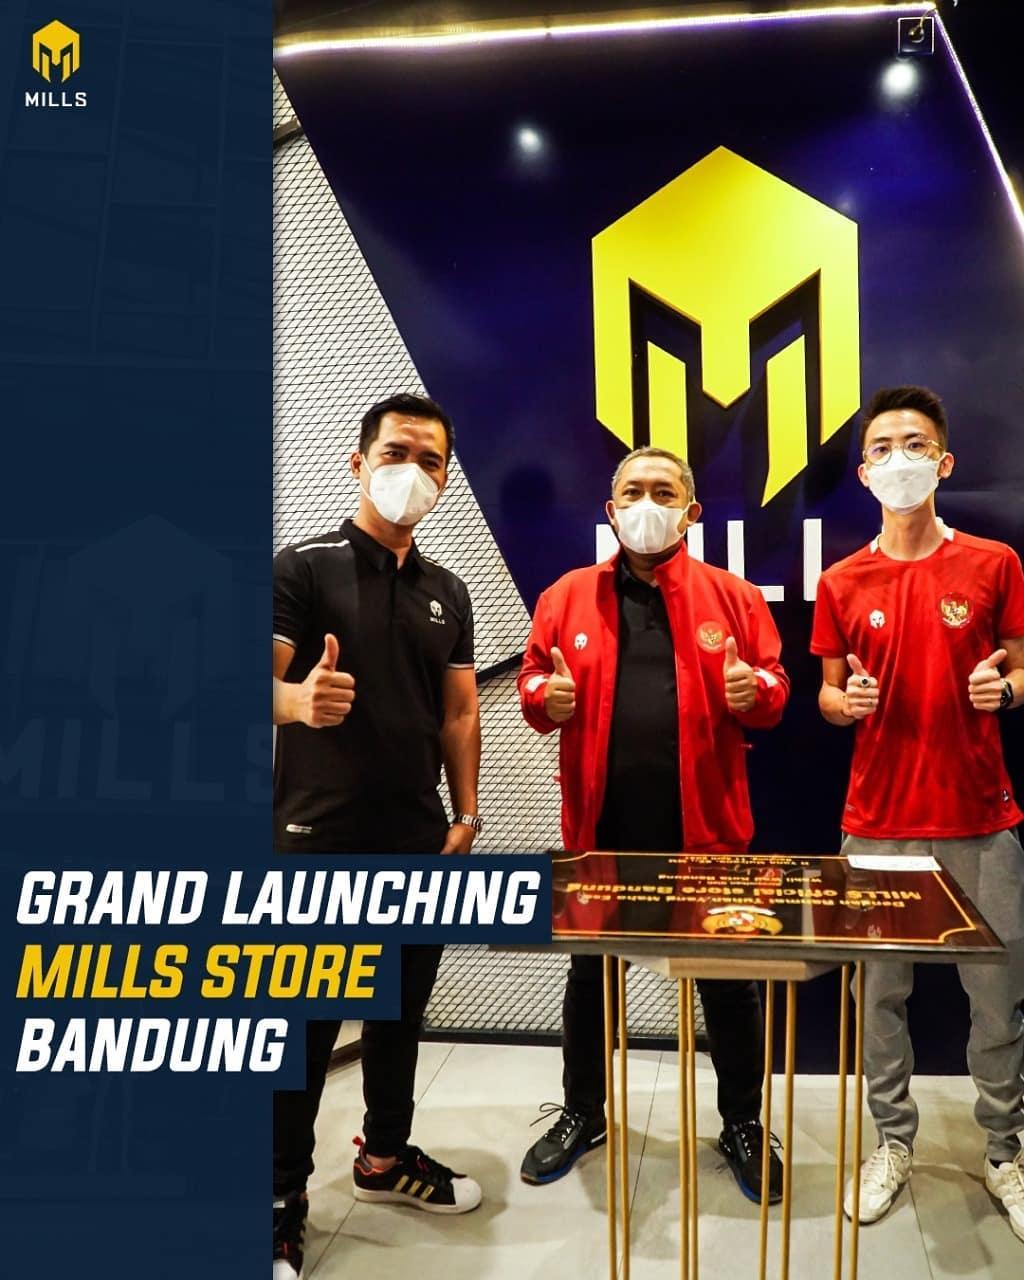 Mills Merambah Bandung, Gudangnya Fans Bola dan Anak Muda Kreatif: Industri Olahraga Bergerak Pulih Lewati Pandemi